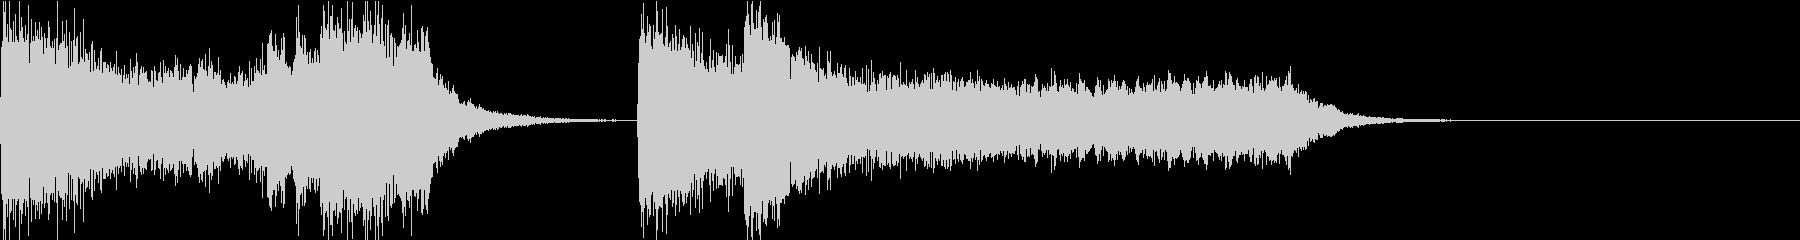 ピアノとストリングスの破滅的なジングルの未再生の波形